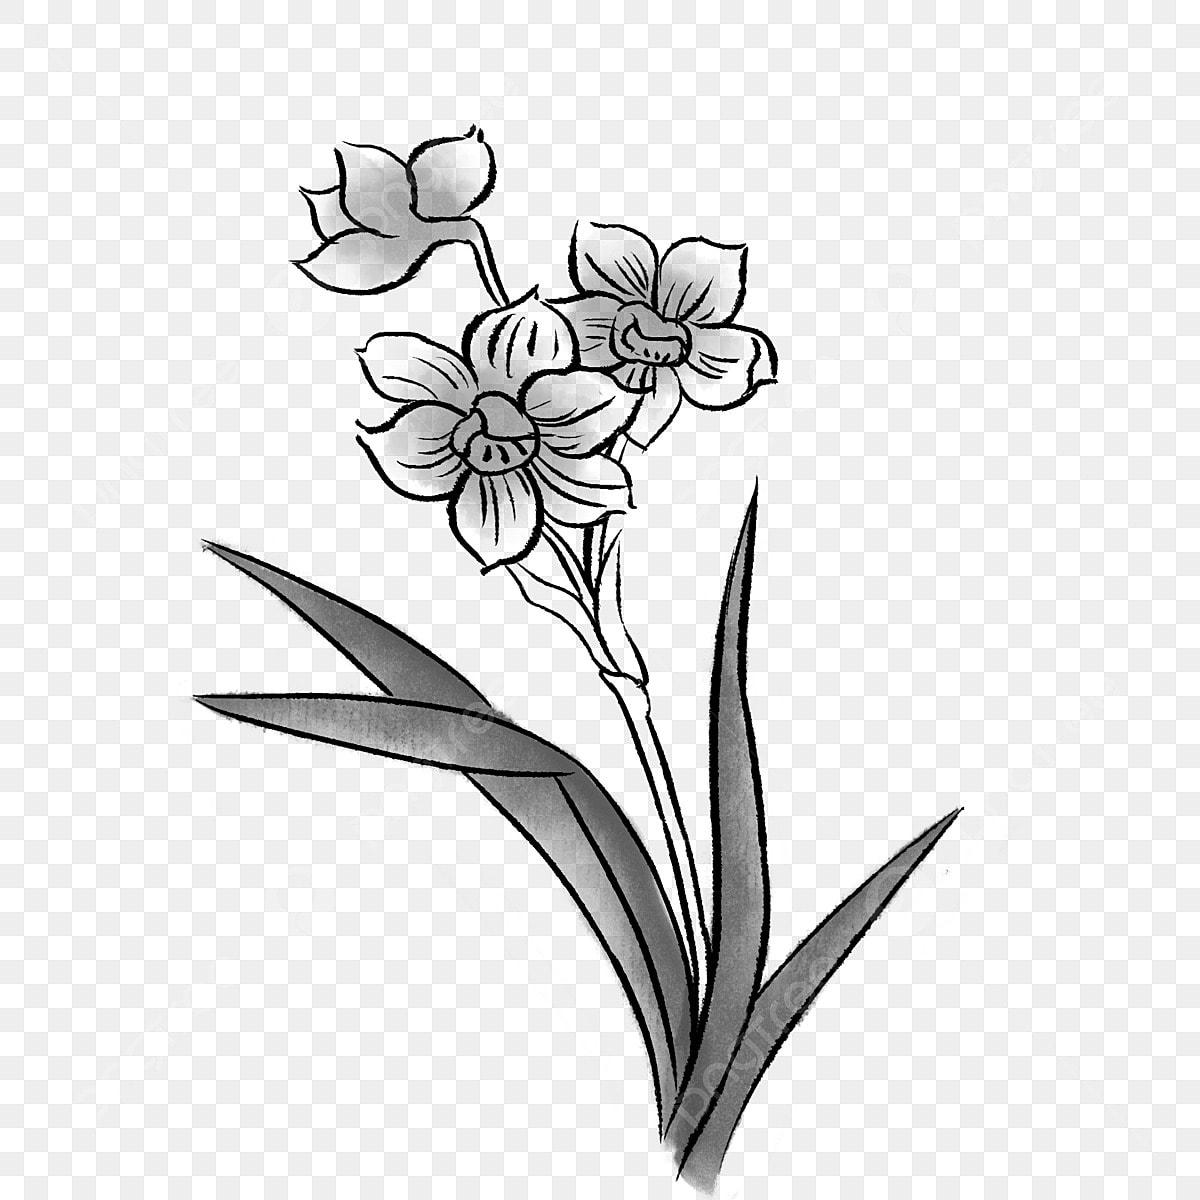 Gambar Orkid Bunga Bunga Anggrek Dakwat Orkid Bunga Sebuah Bunga Png Dan Psd Untuk Muat Turun Percuma